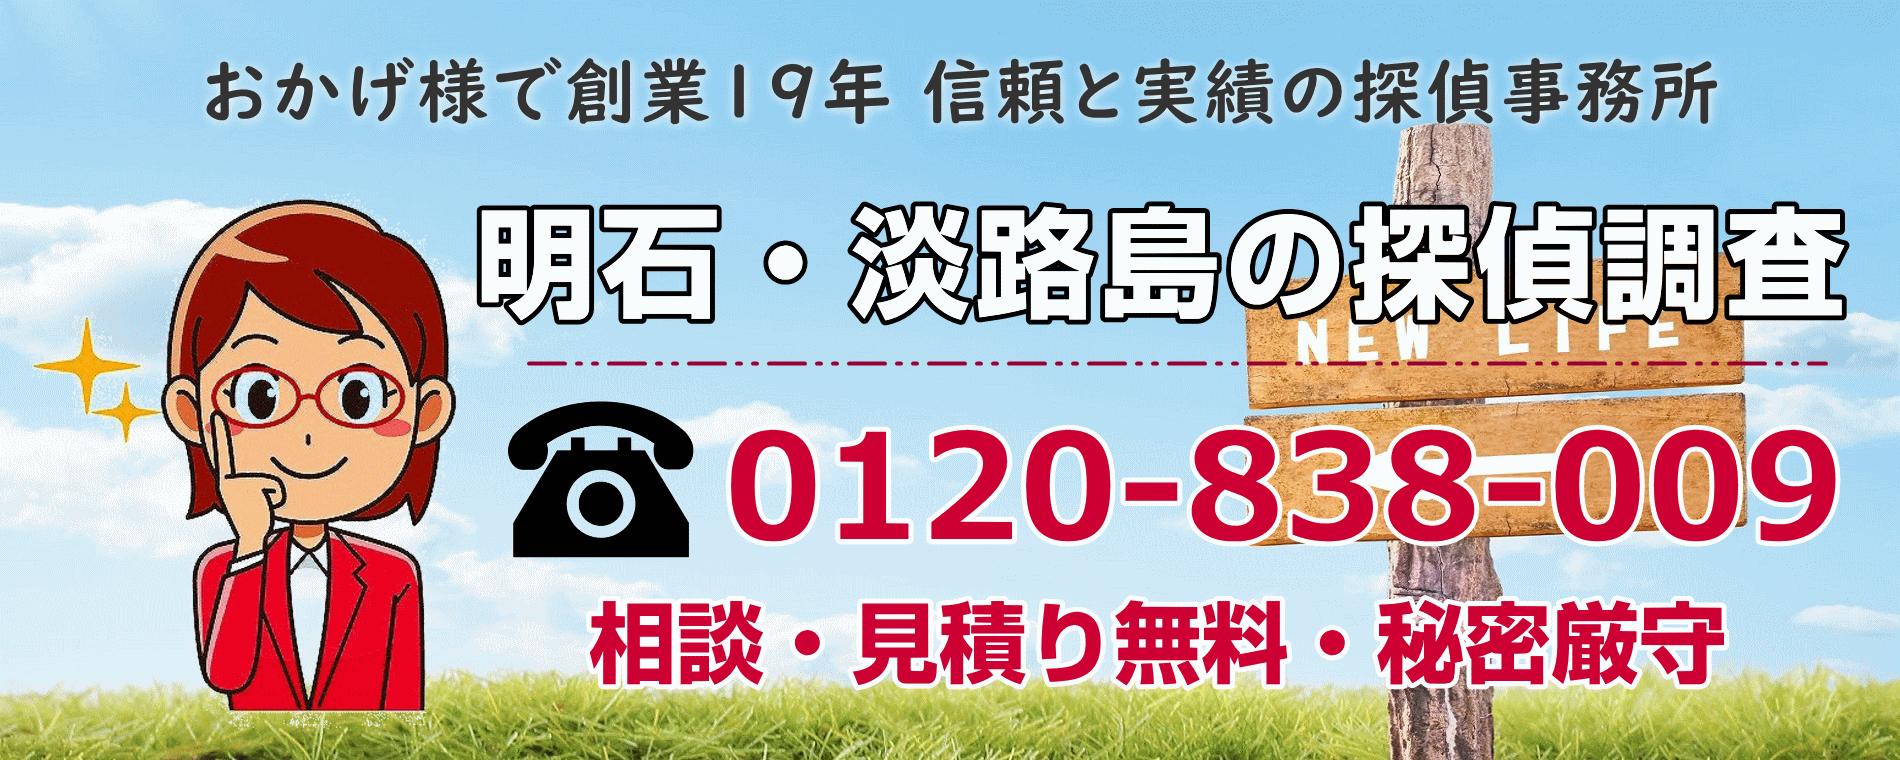 明石・淡路島の探偵・興信所 関西デルタ・リサーチ